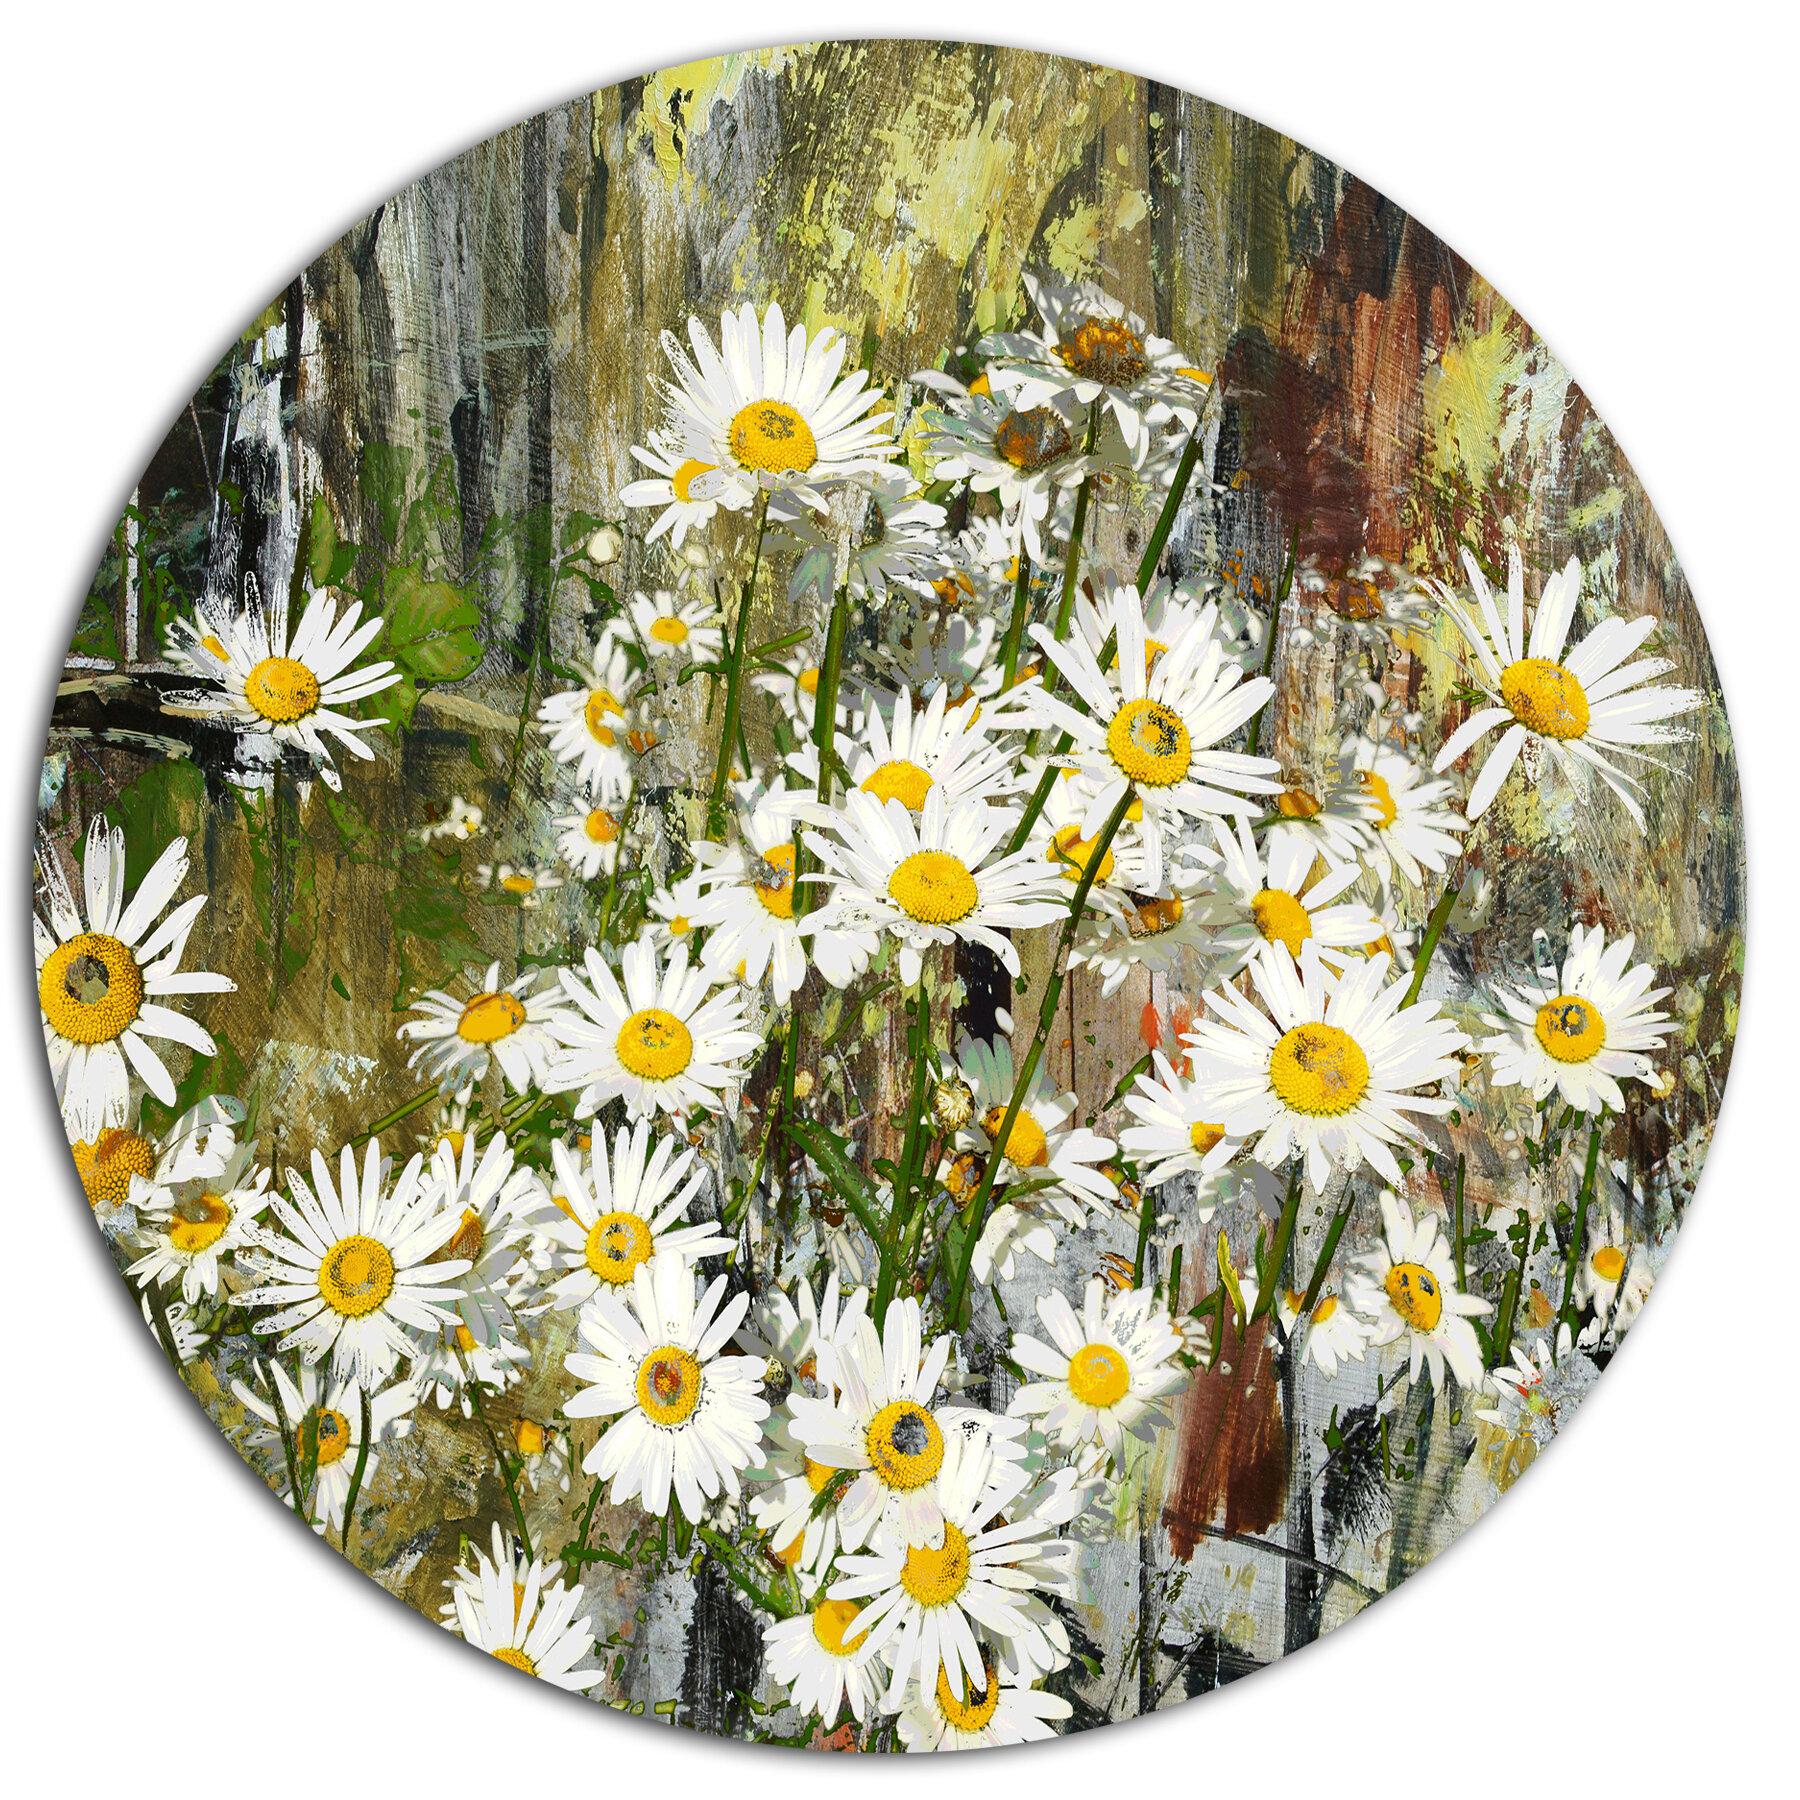 DesignArt 'Daisies Flowers Under the Window' Oil Painting Print on Metal | Wayfair.ca